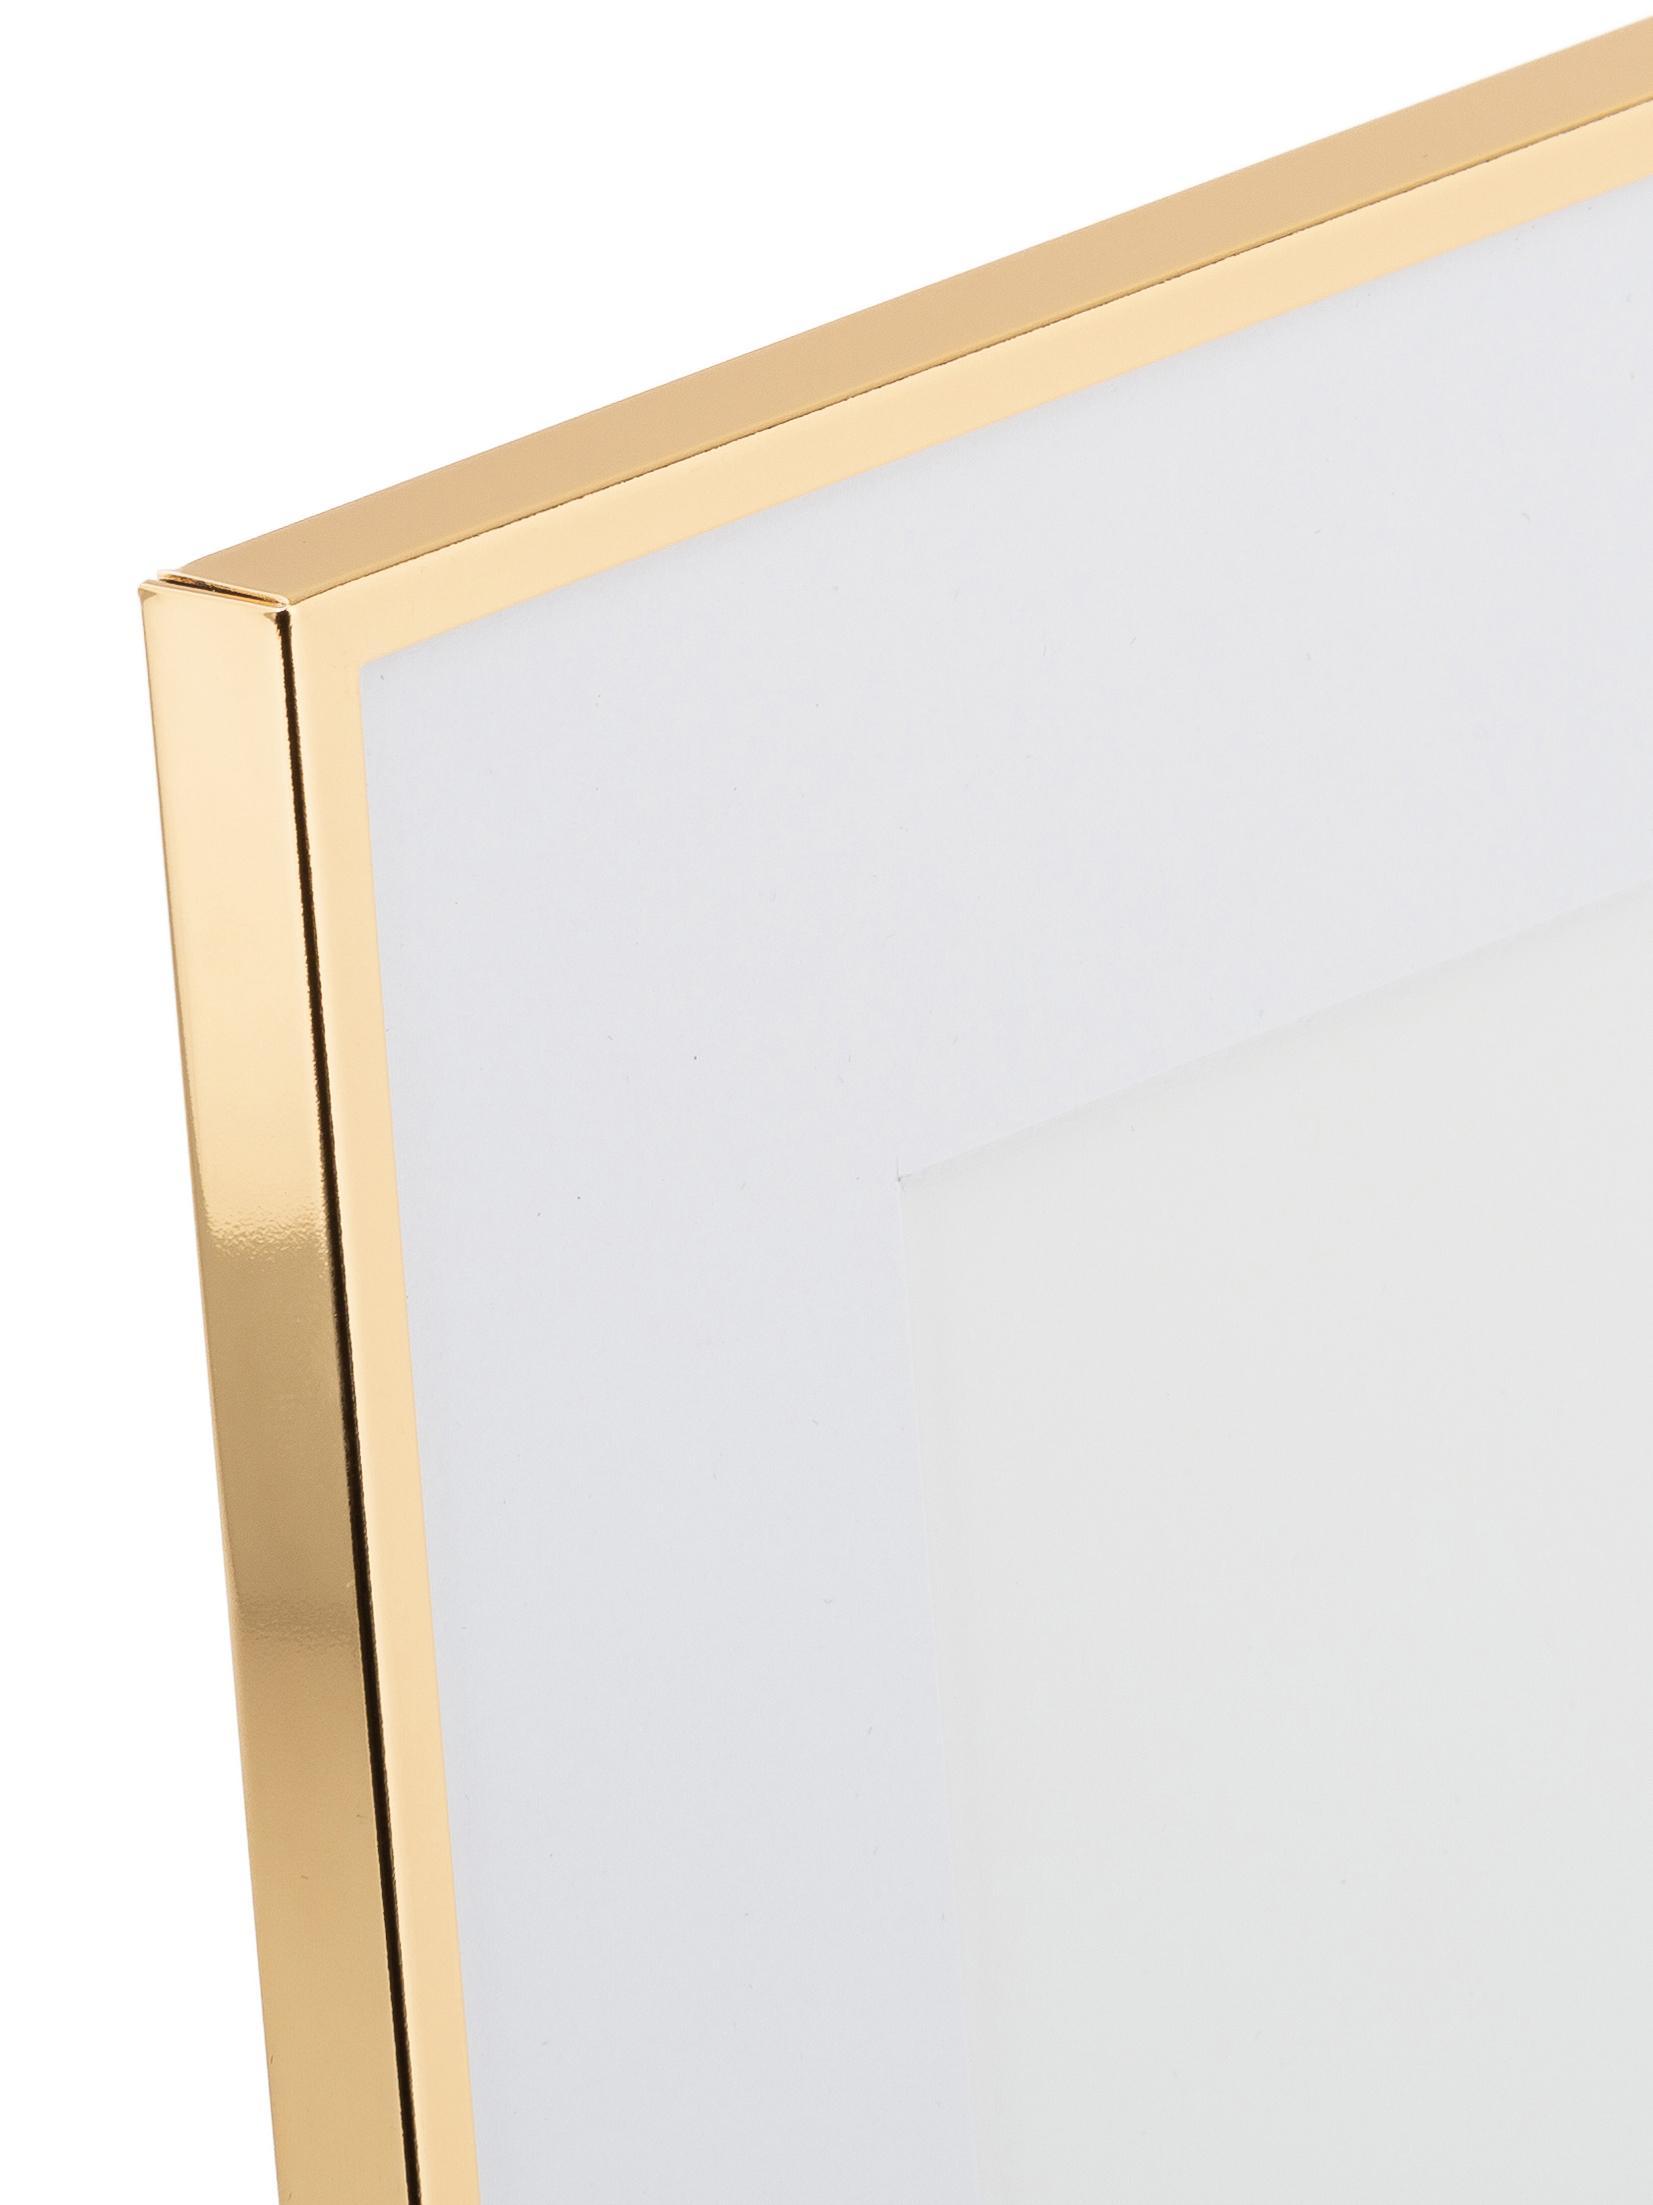 Cornice dorata Memento, Cornice: ferro, lucido verniciato, Retro: pannelli di fibra a media, Dorato, 13 x 18 cm